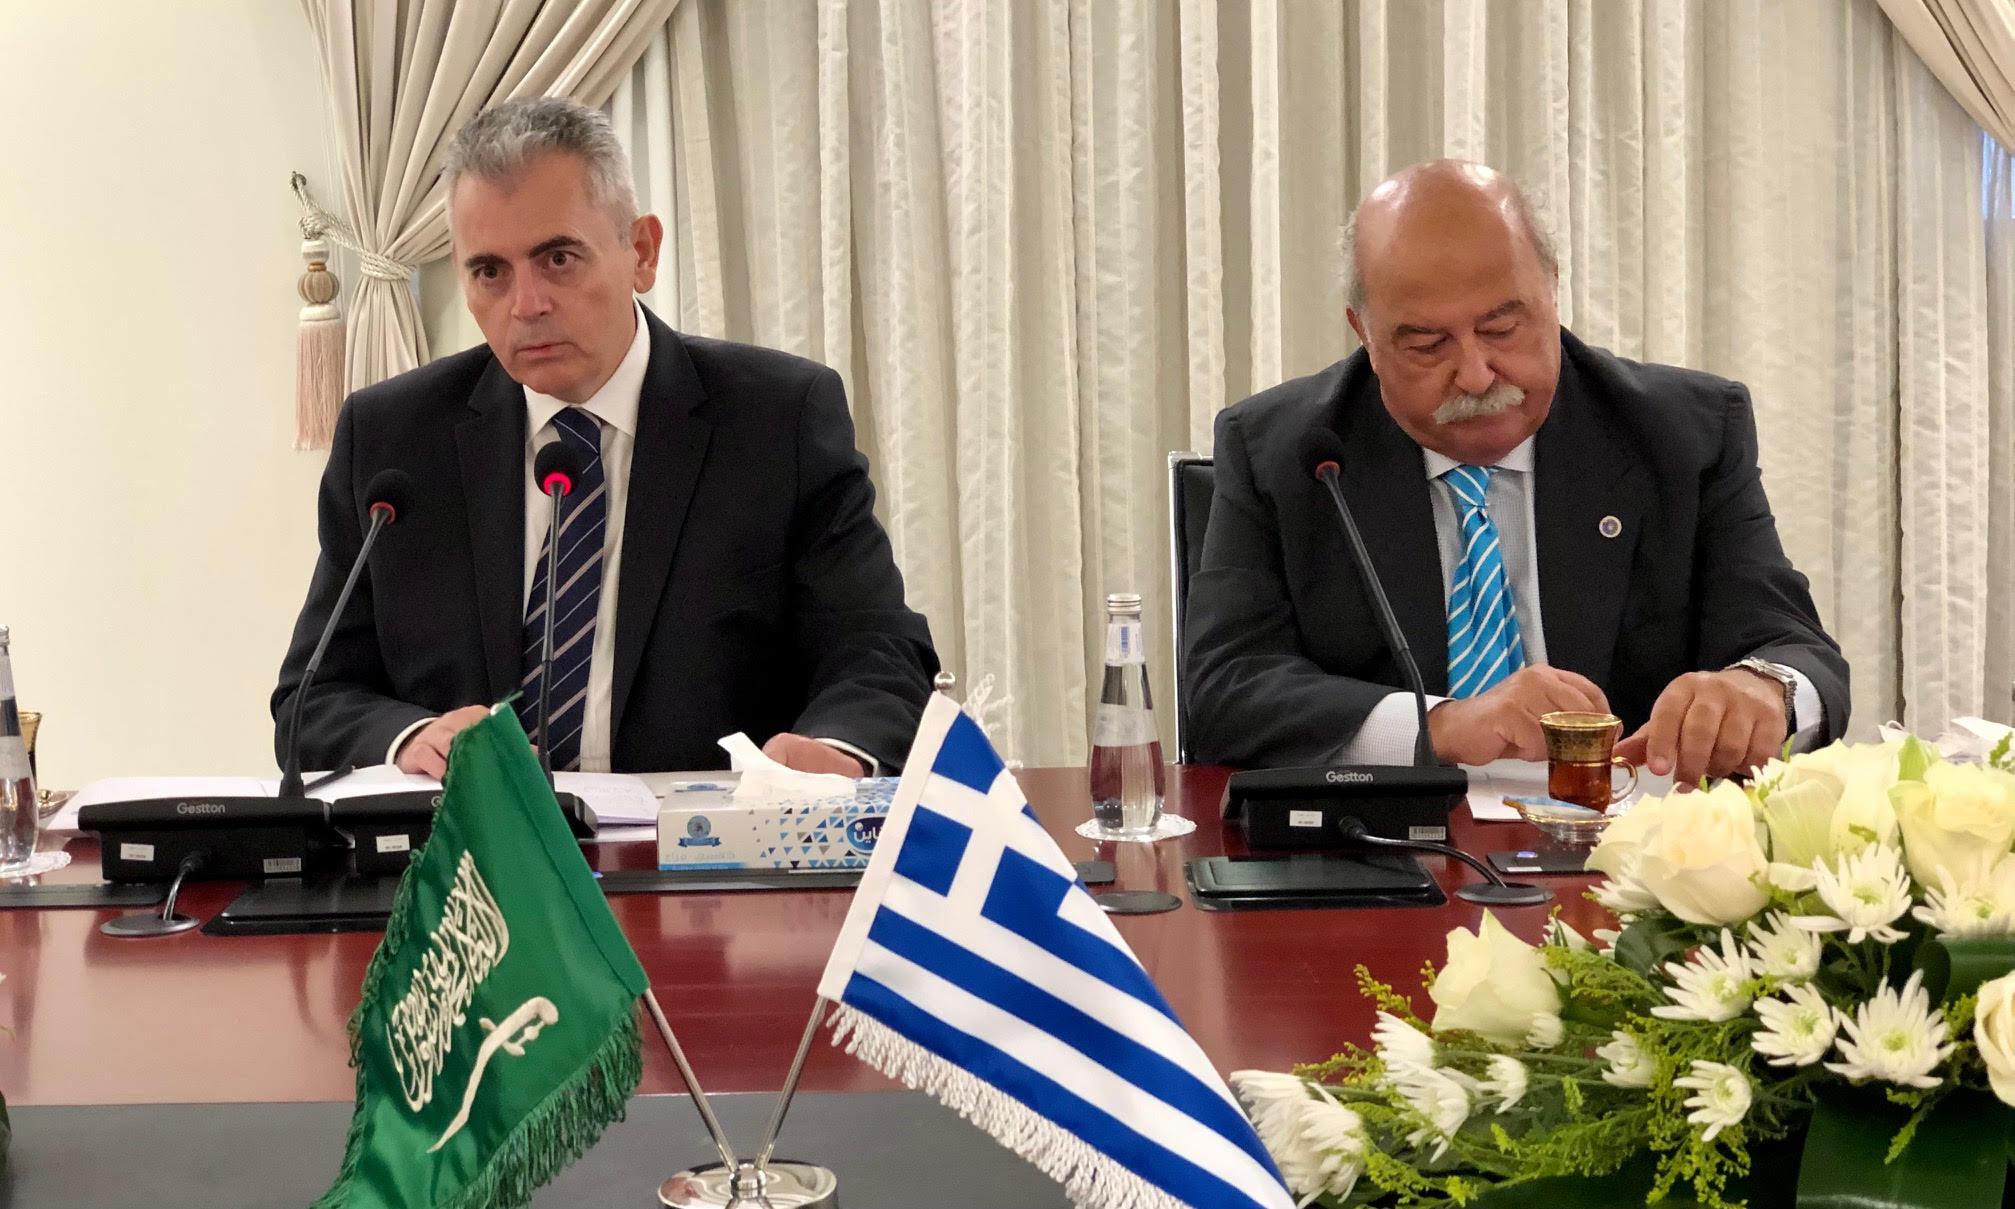 . Ο Μάξιμος Χαρακόπουλος με την αντιπροσωπεία της ΔΣΟ συζητά με τους εκπροσώπους του Intellectual Warfare Center τις δυνατότητες συνεργασίας.